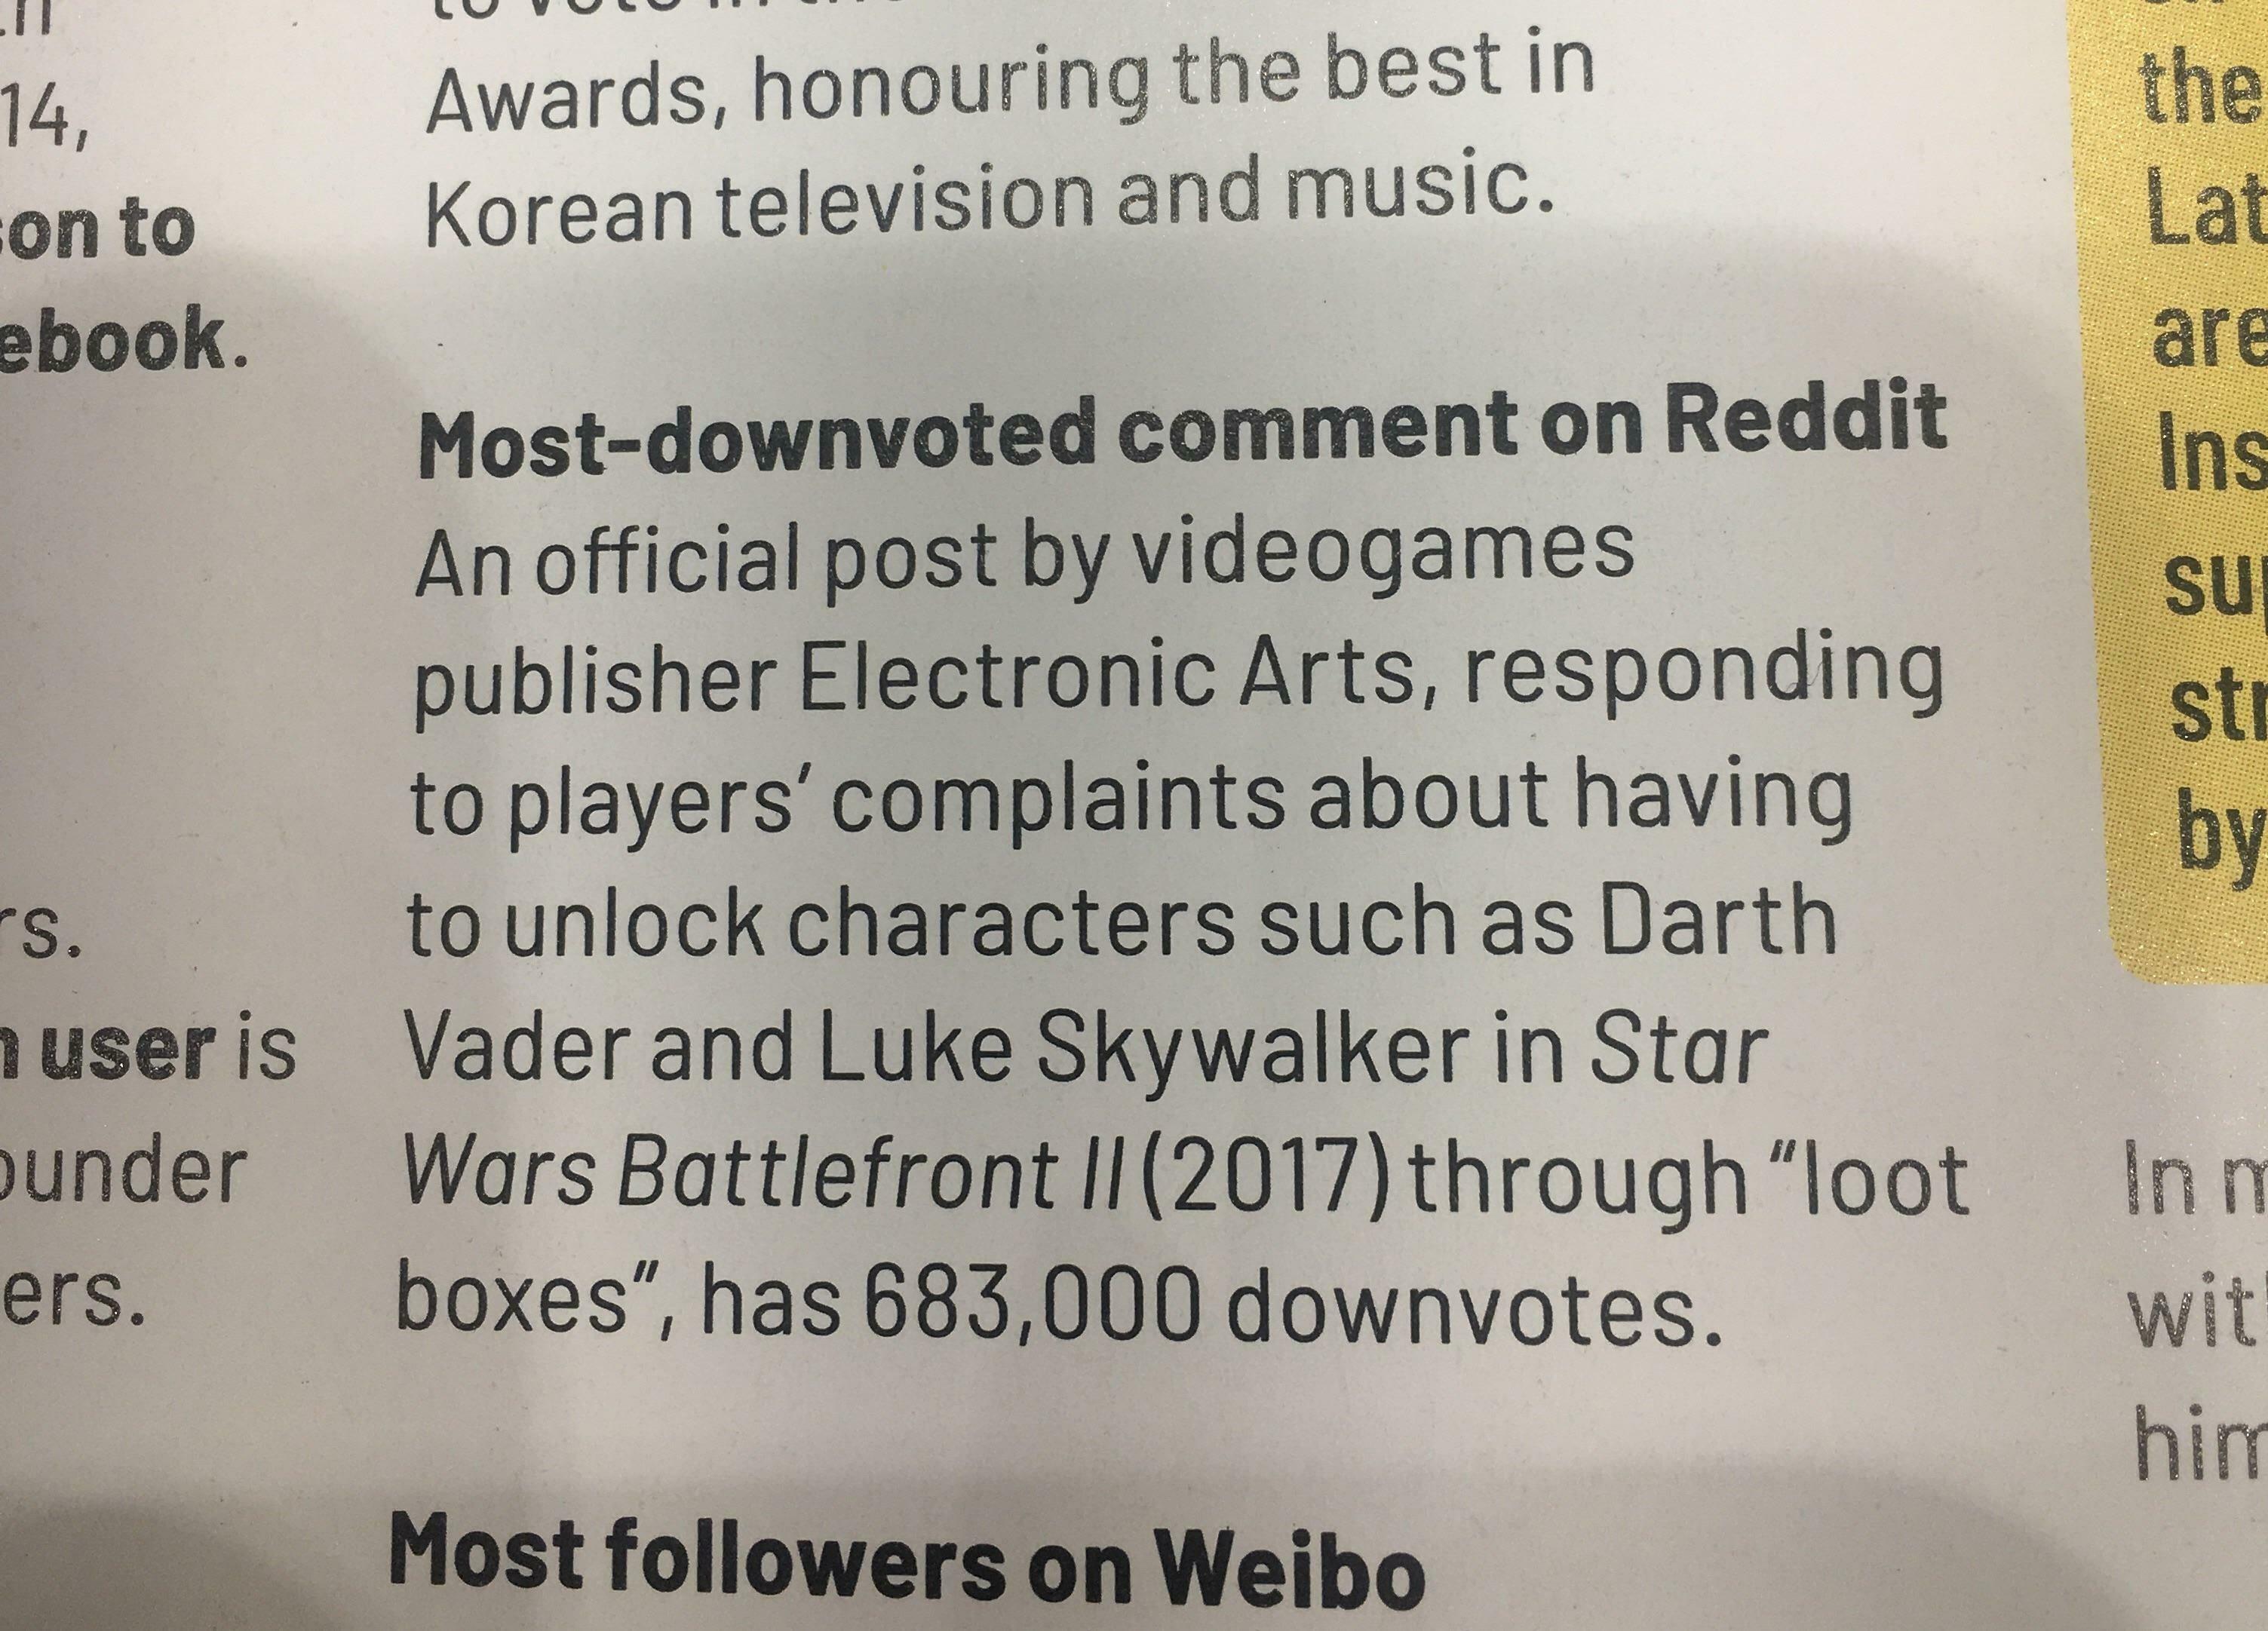 EAоставила самый непопулярный комментарий наReddit ипопала в«Книгу рекордов Гиннесса»